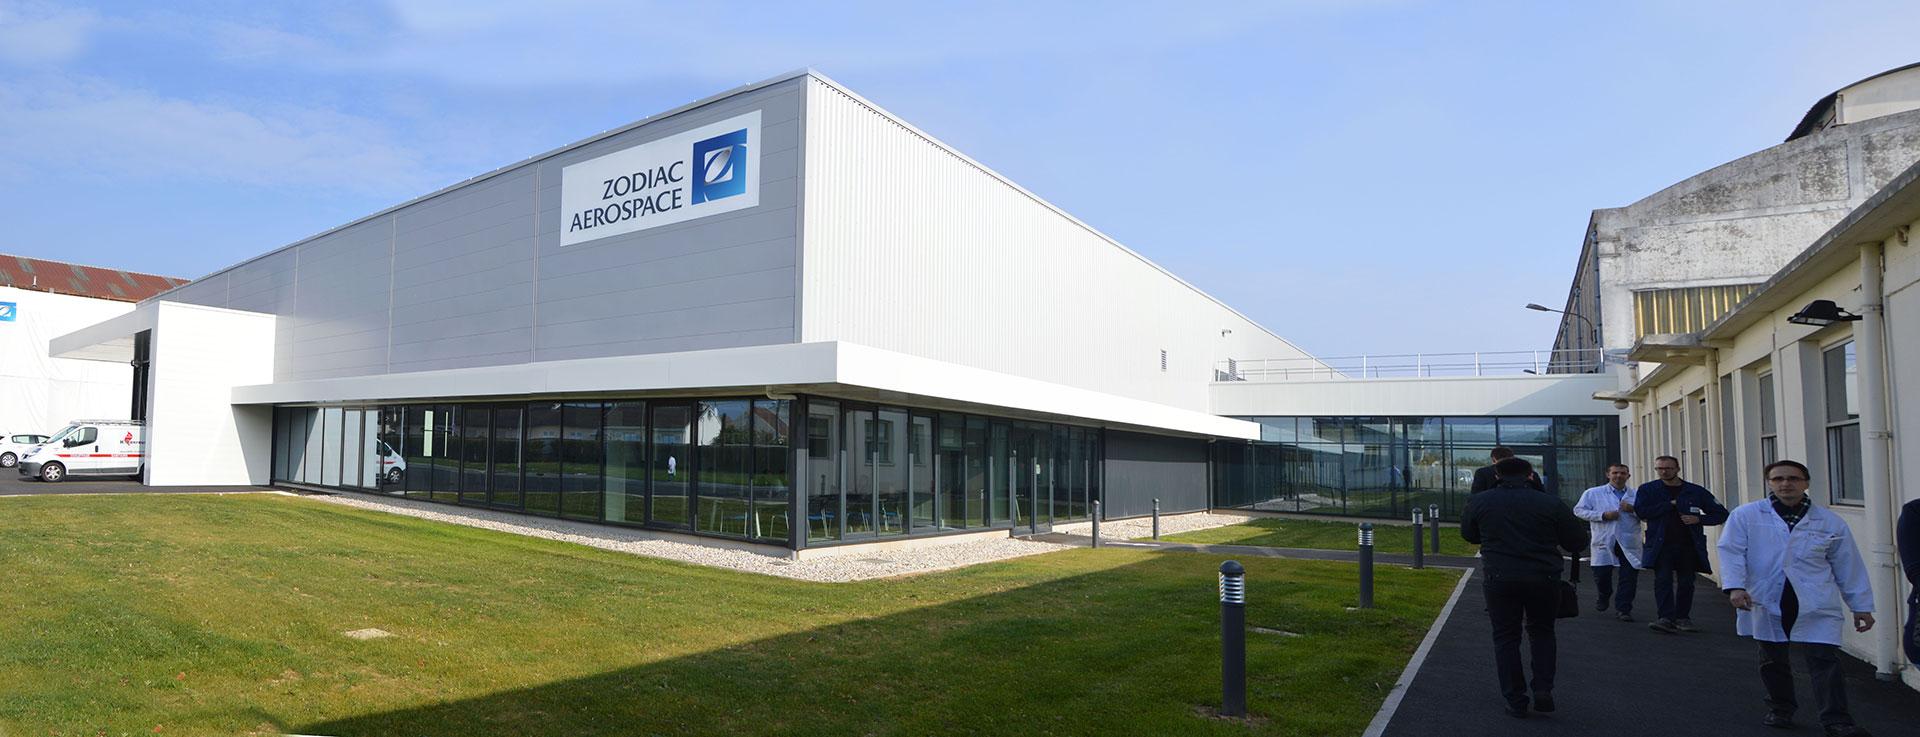 Zodiac-Aerospace-GNAT-Ingenierie